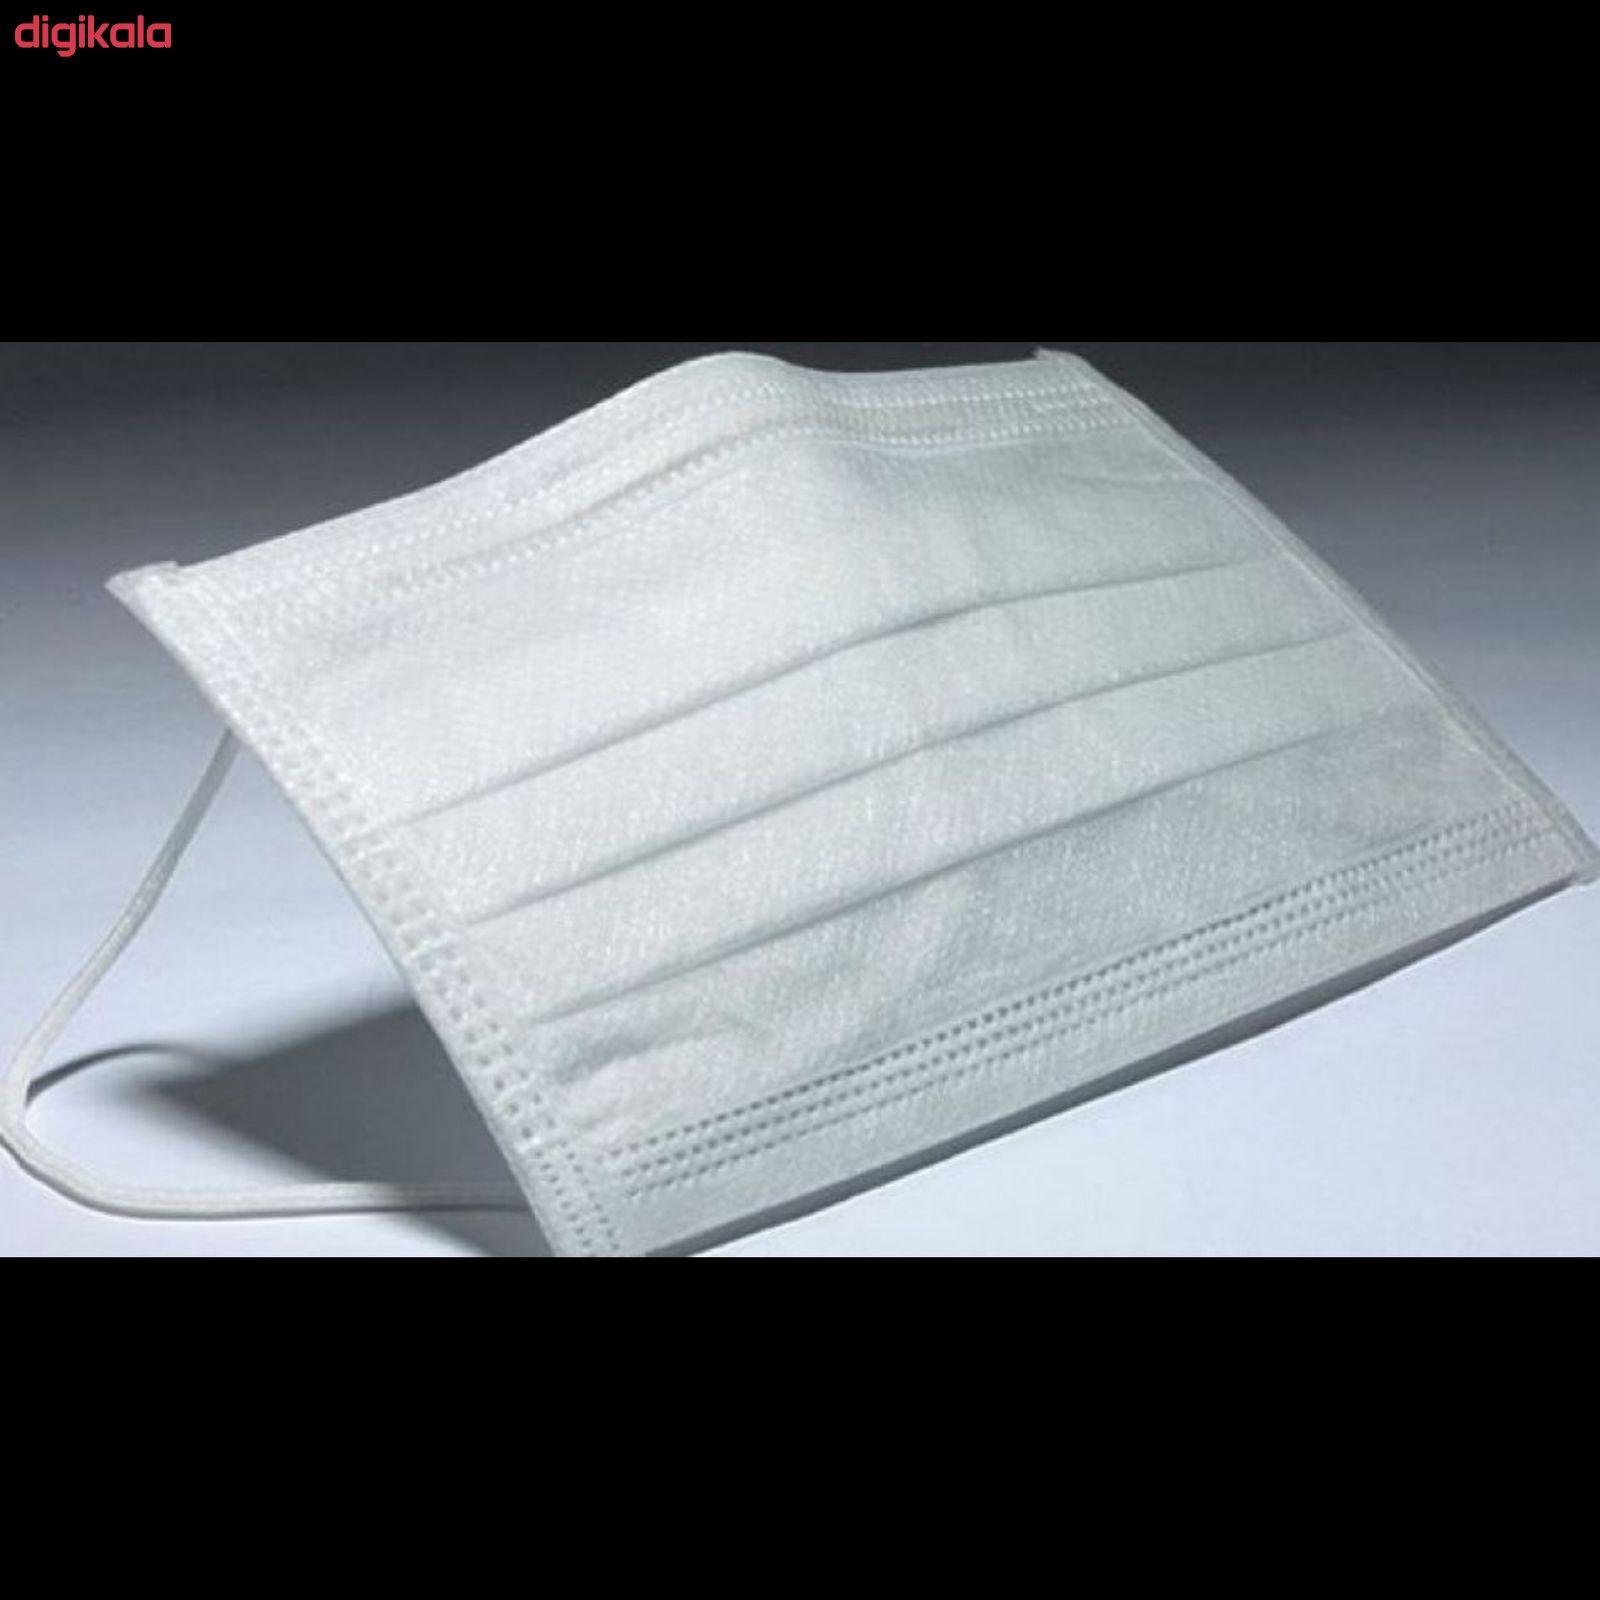 ماسک تنفسی بایکو مدل PB بسته 50 عددی main 1 1